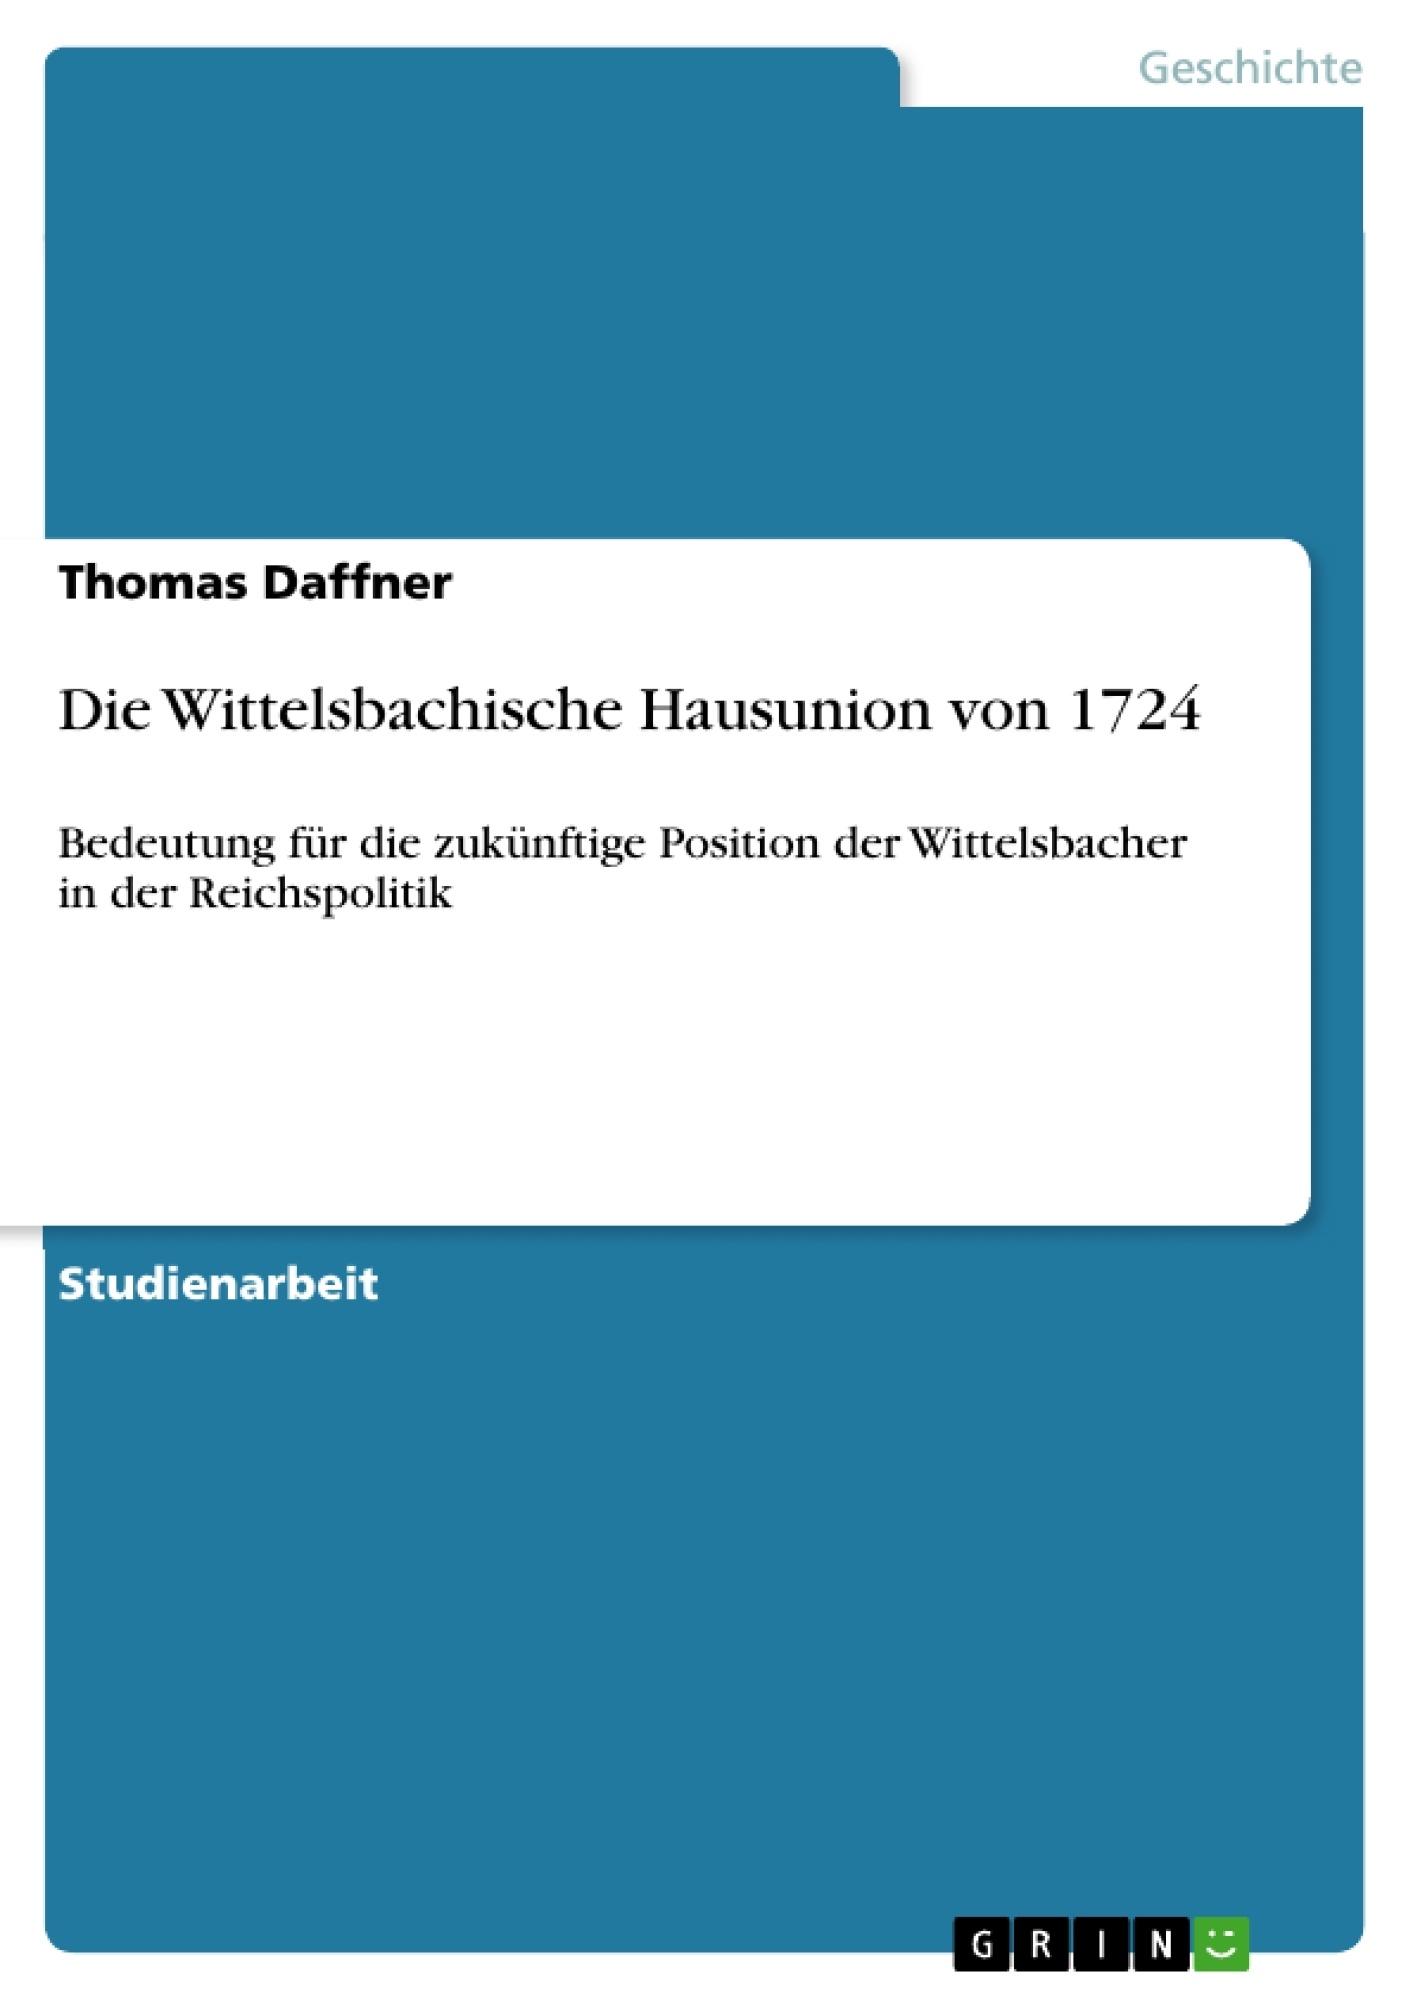 Titel: Die Wittelsbachische Hausunion von 1724